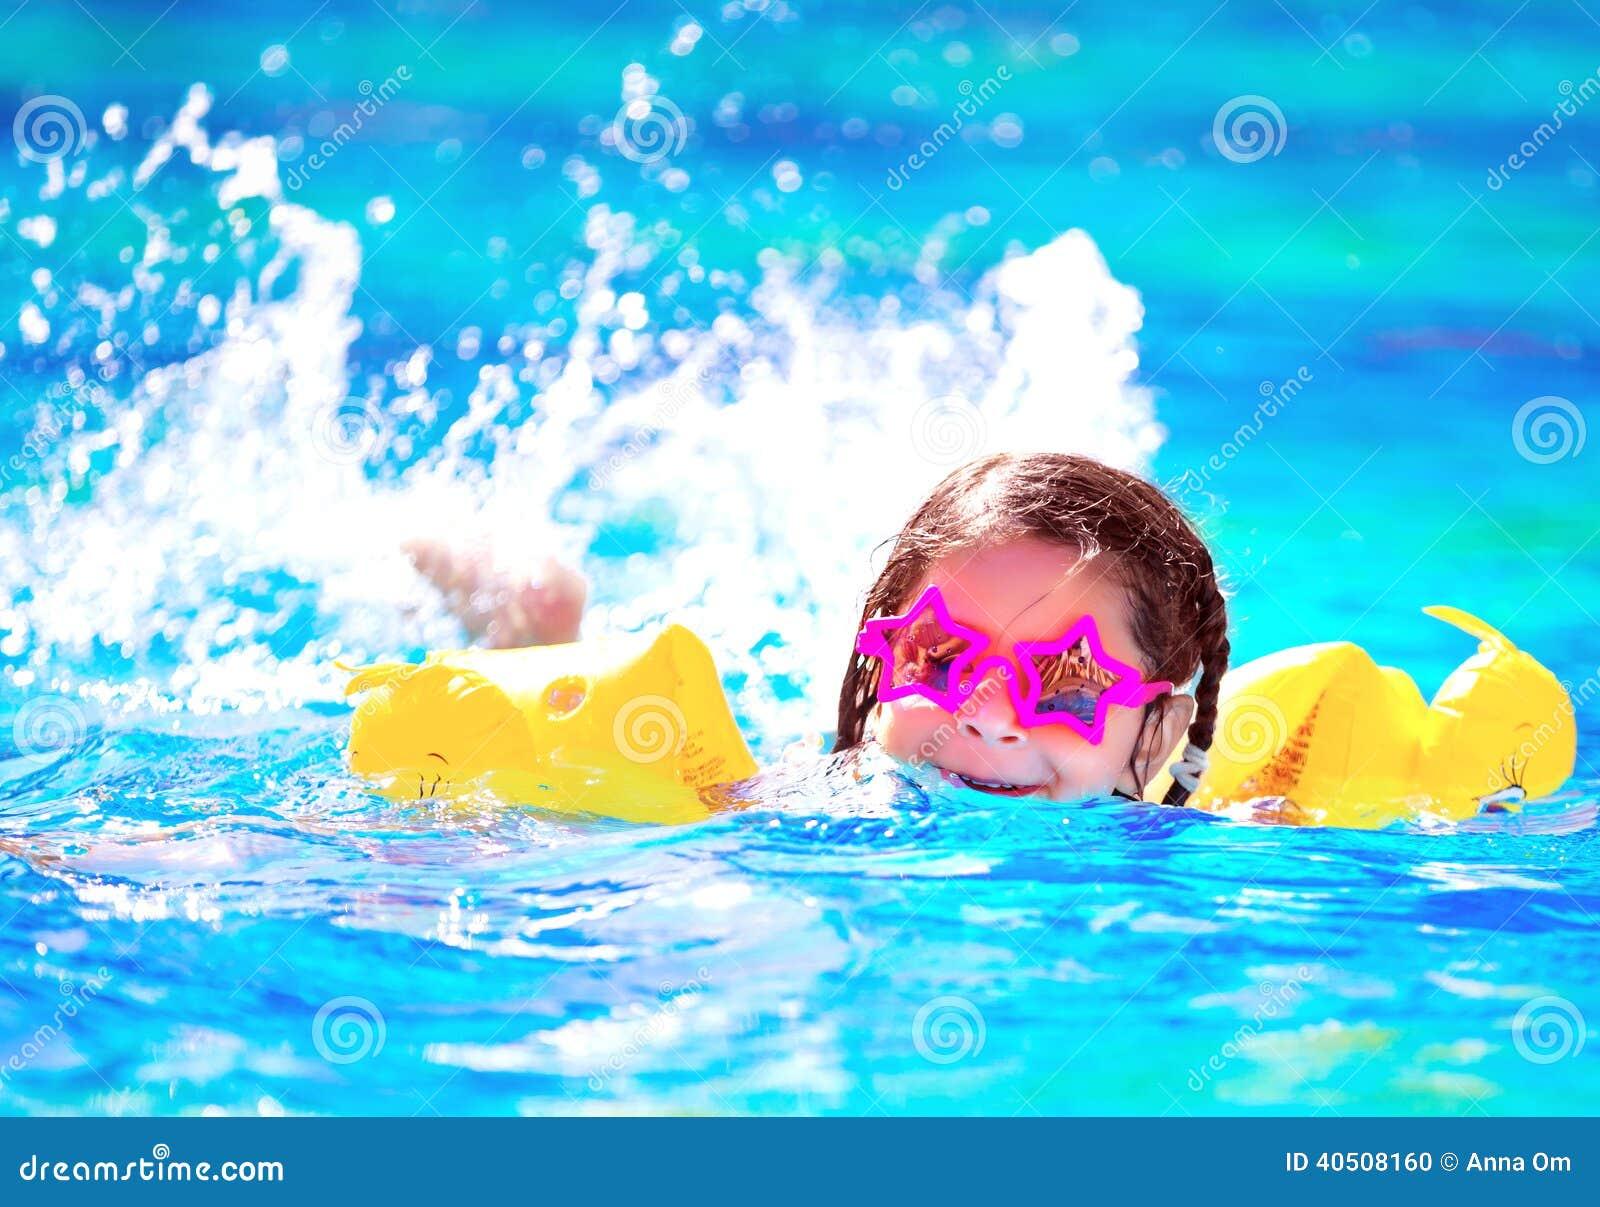 Милое маленькое заплывание младенца в бассейне